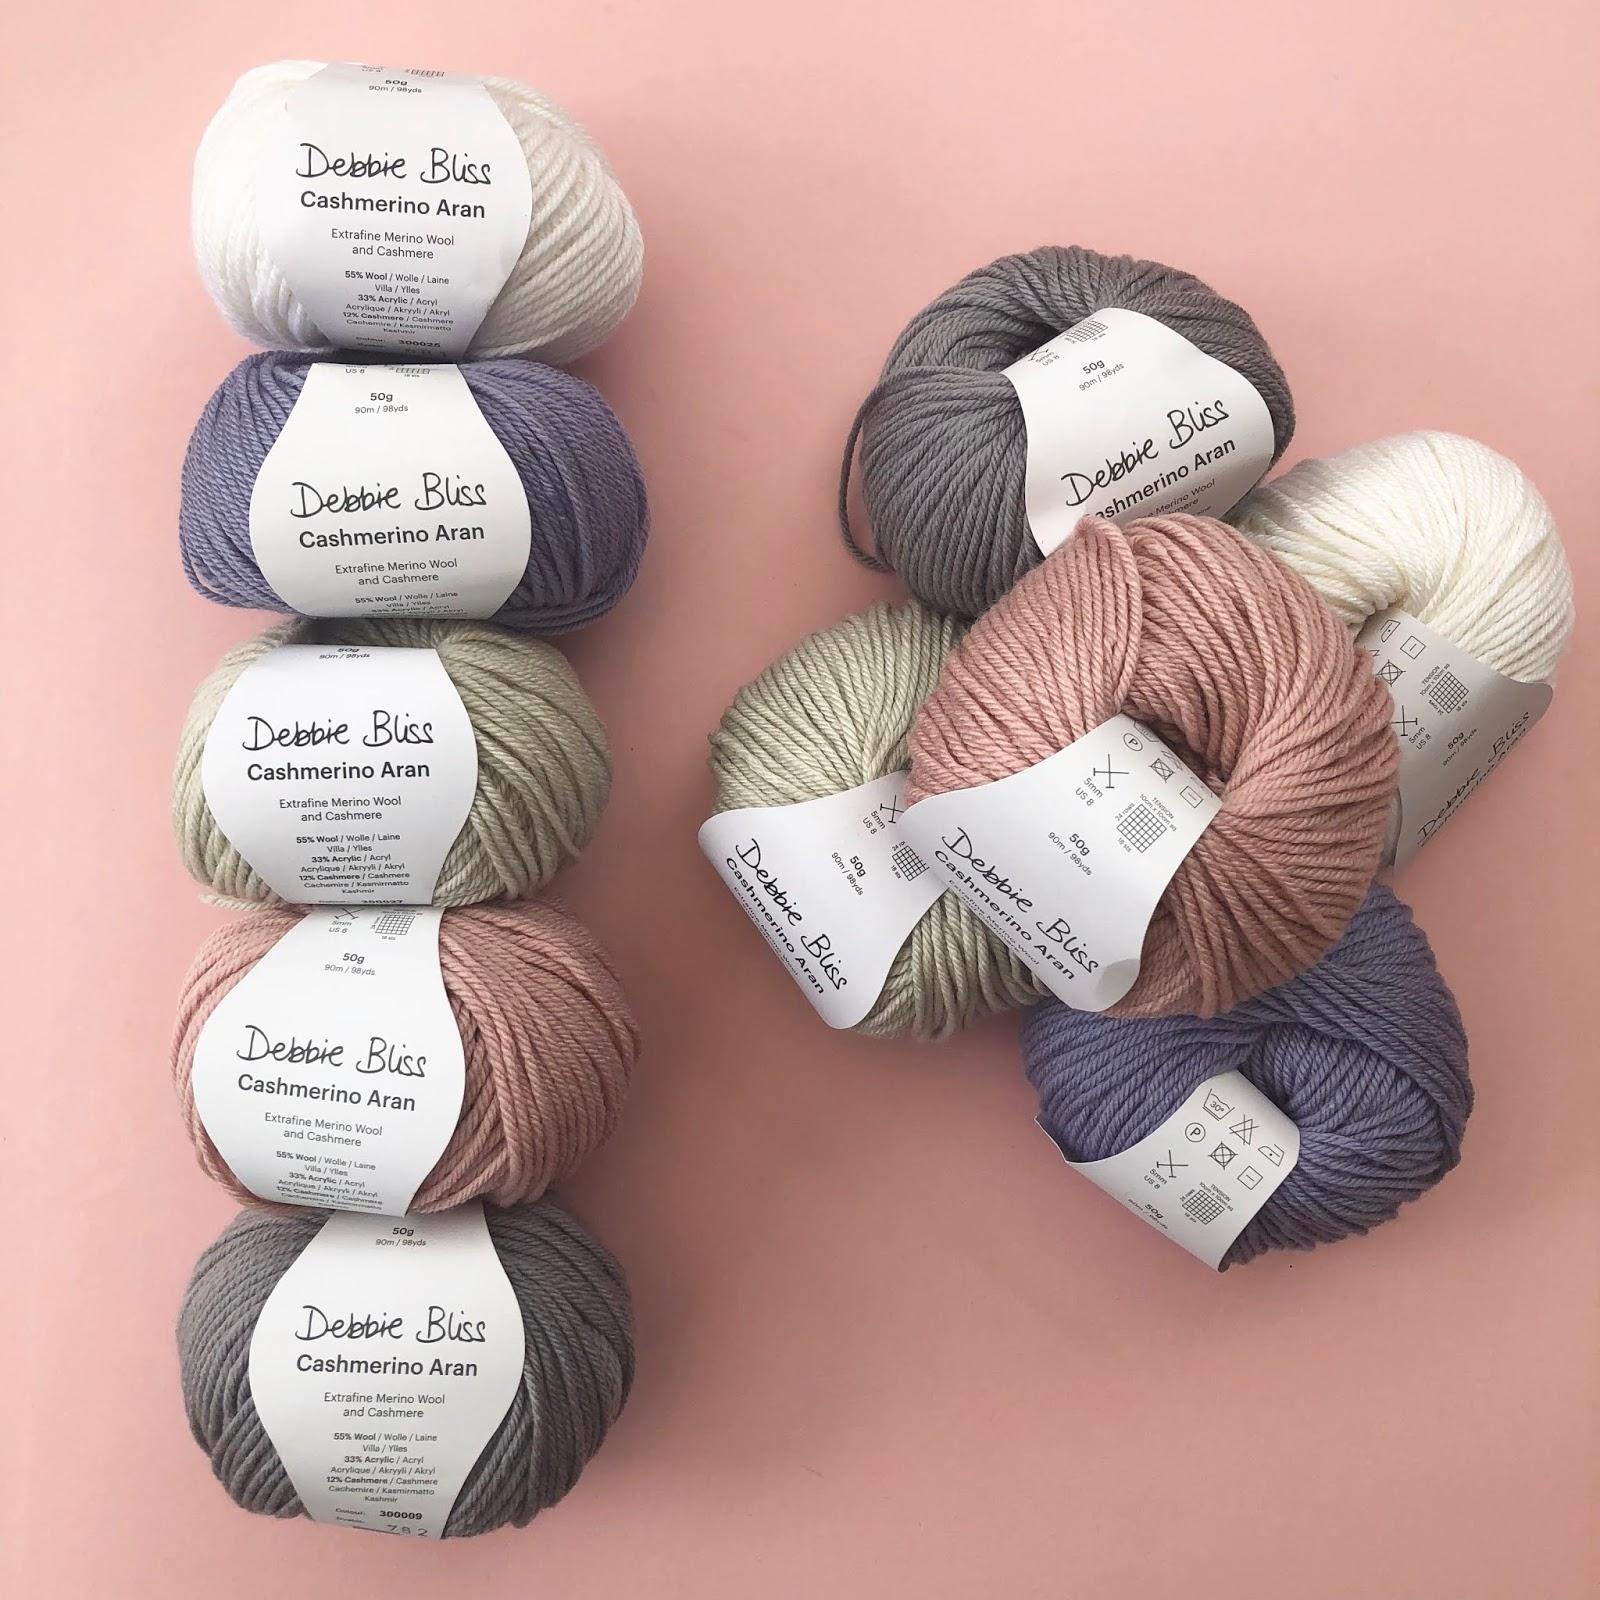 33/% Acrylic Debbie Bliss BabyCashmerino 1 x 50g 55/% Wool 12/% Cashmere